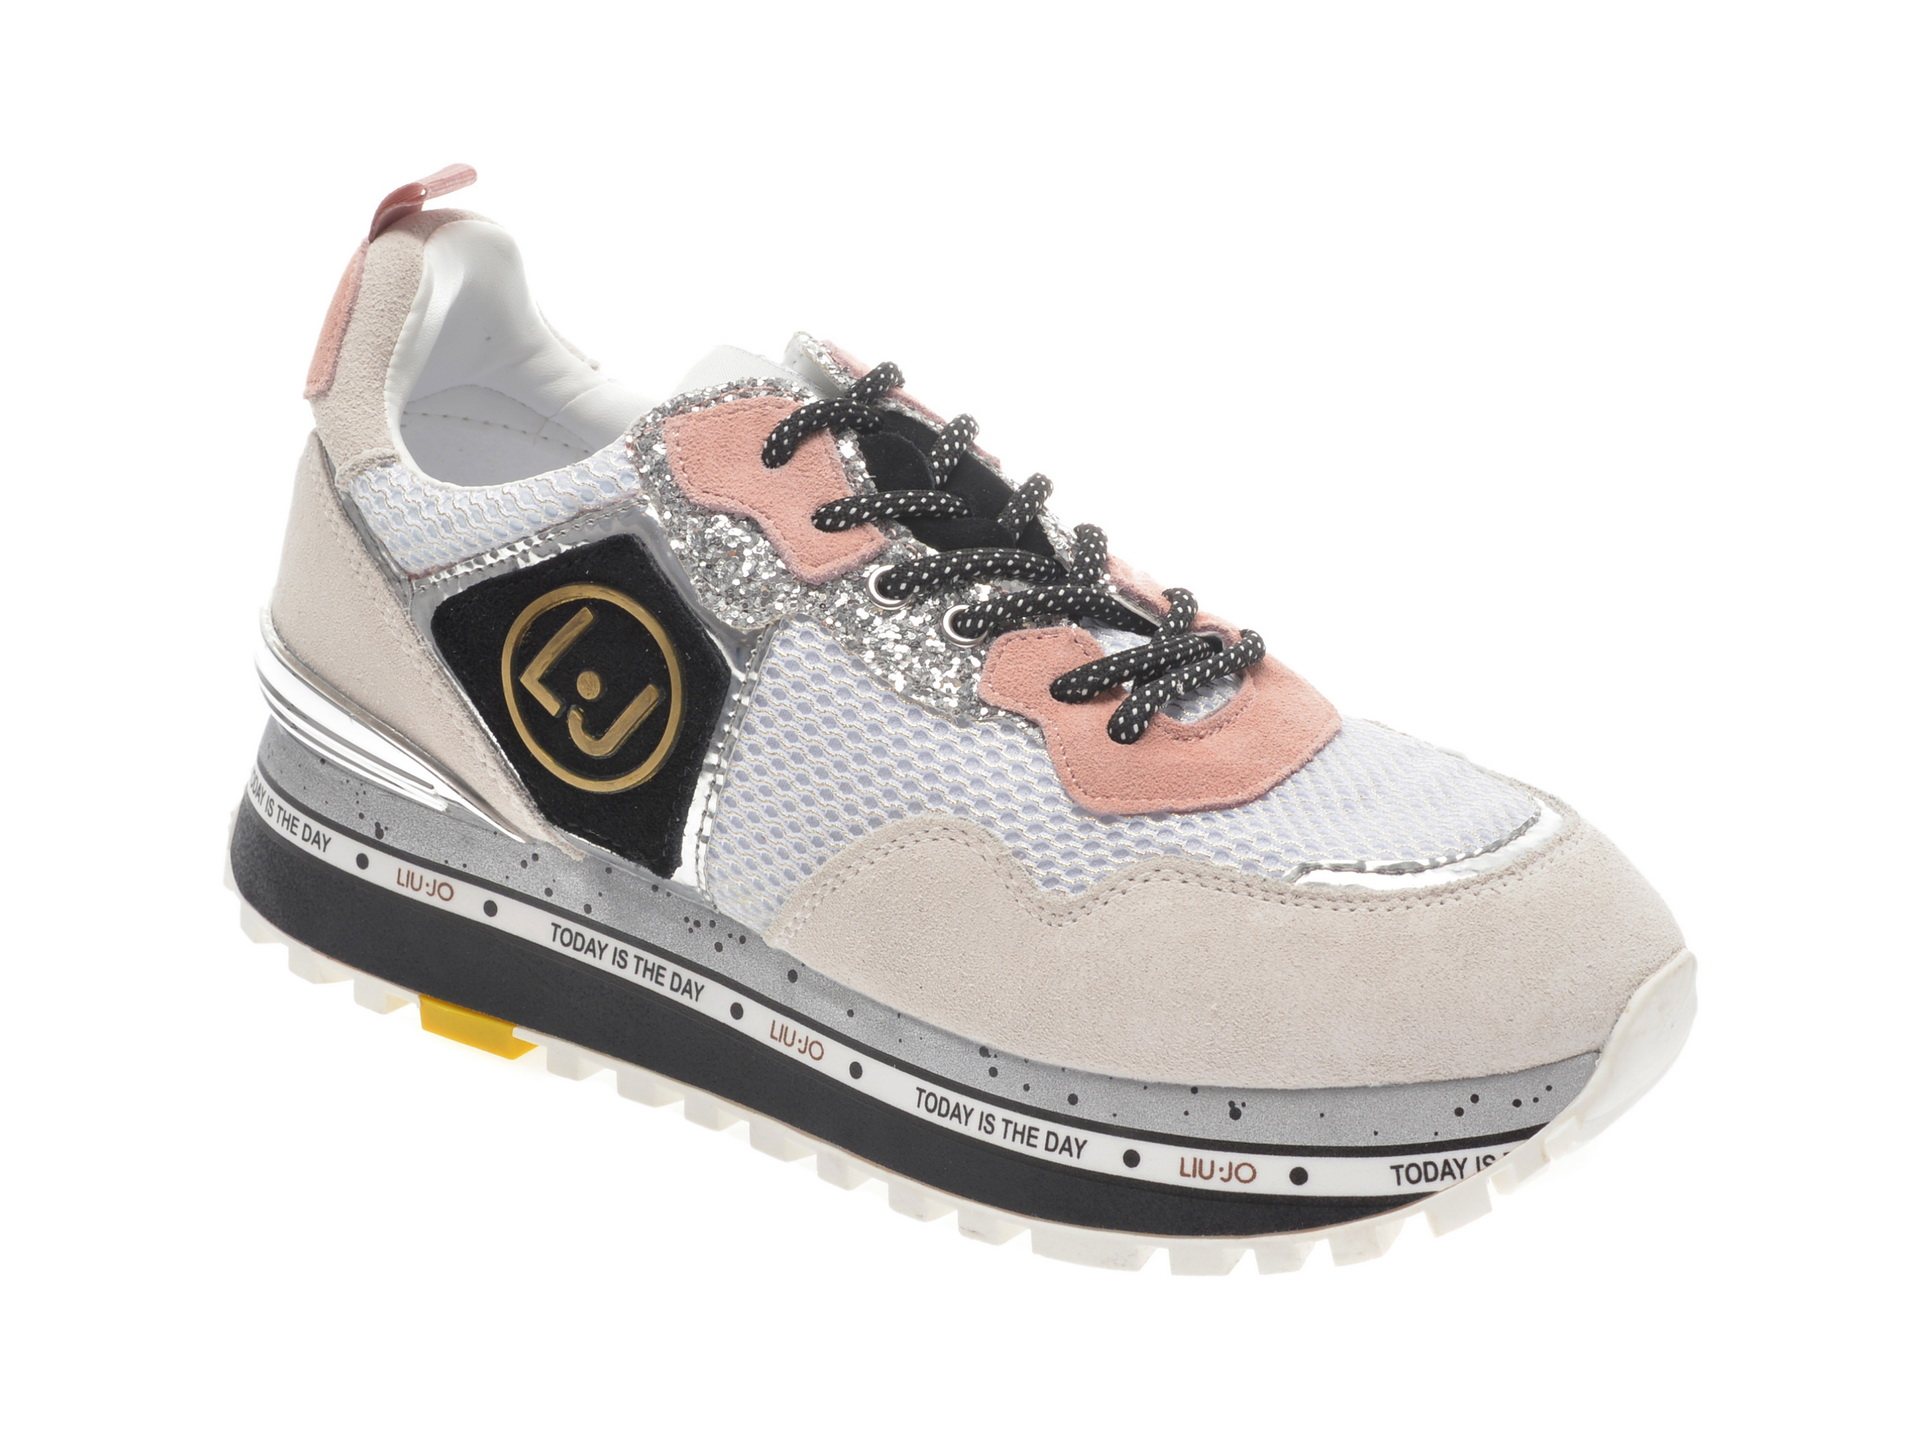 Pantofi sport LIU JO albi, Maxiale, din material textil si piele naturala New